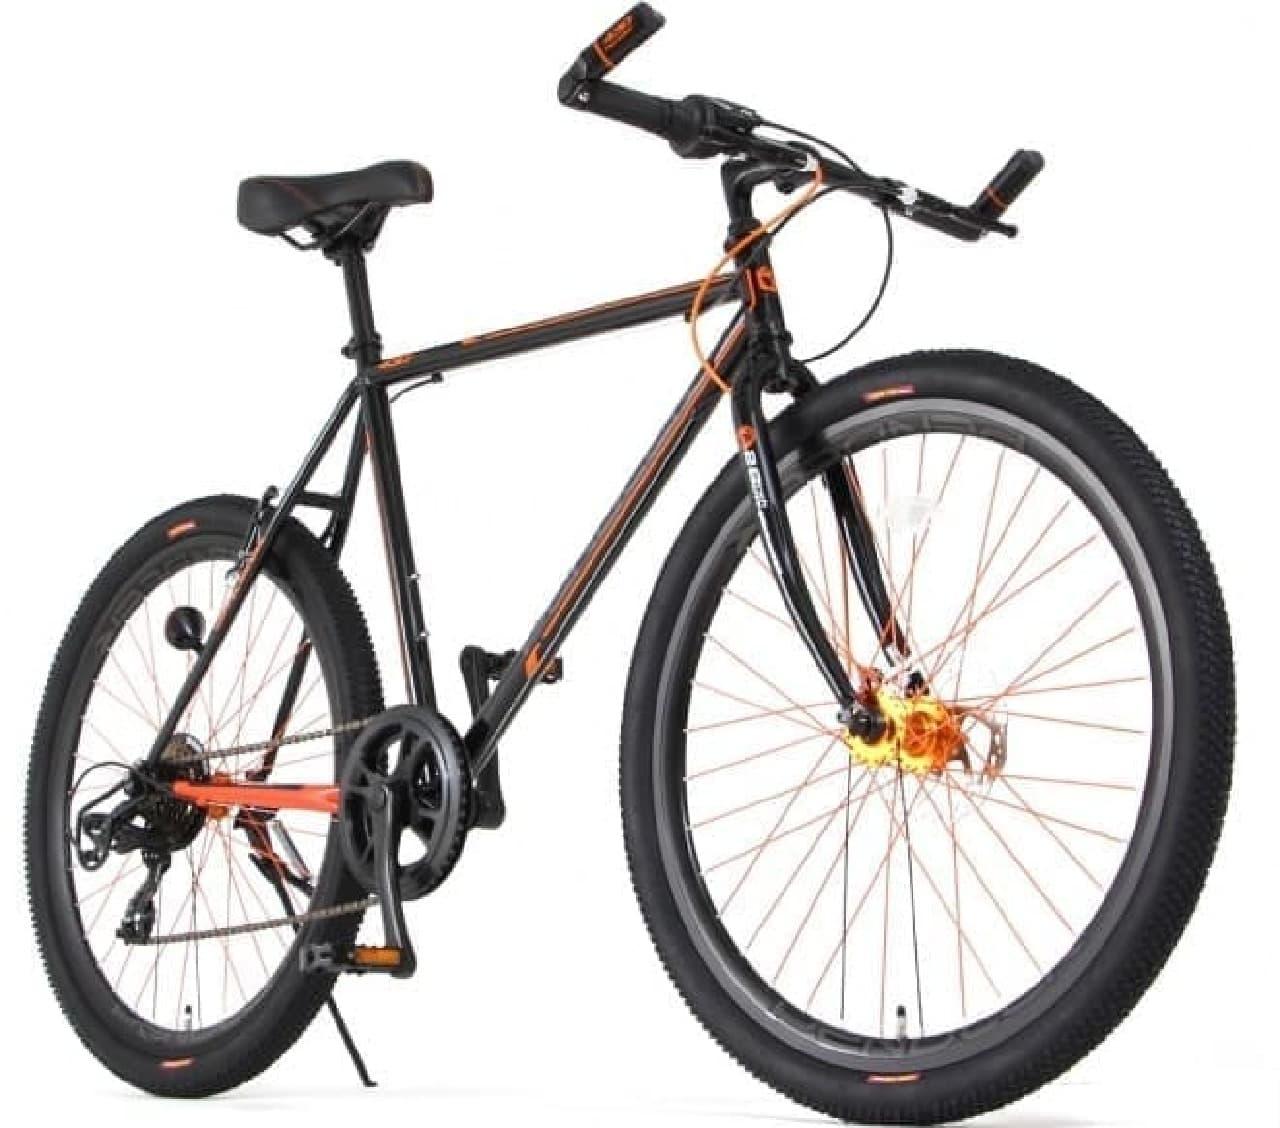 「DOPPELGANGER」の26インチクロスバイク「430 PENDLER」